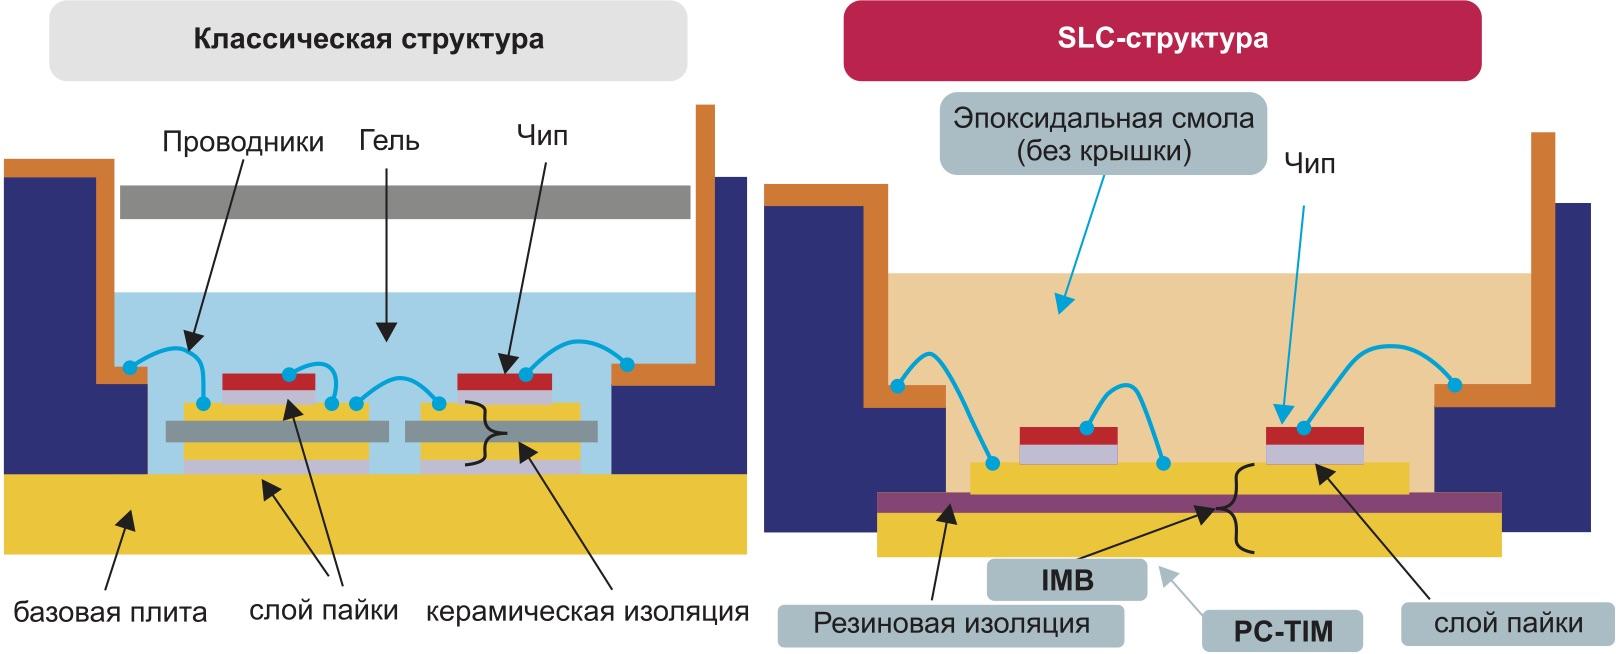 Сравнение SLC и традиционной структуры корпуса